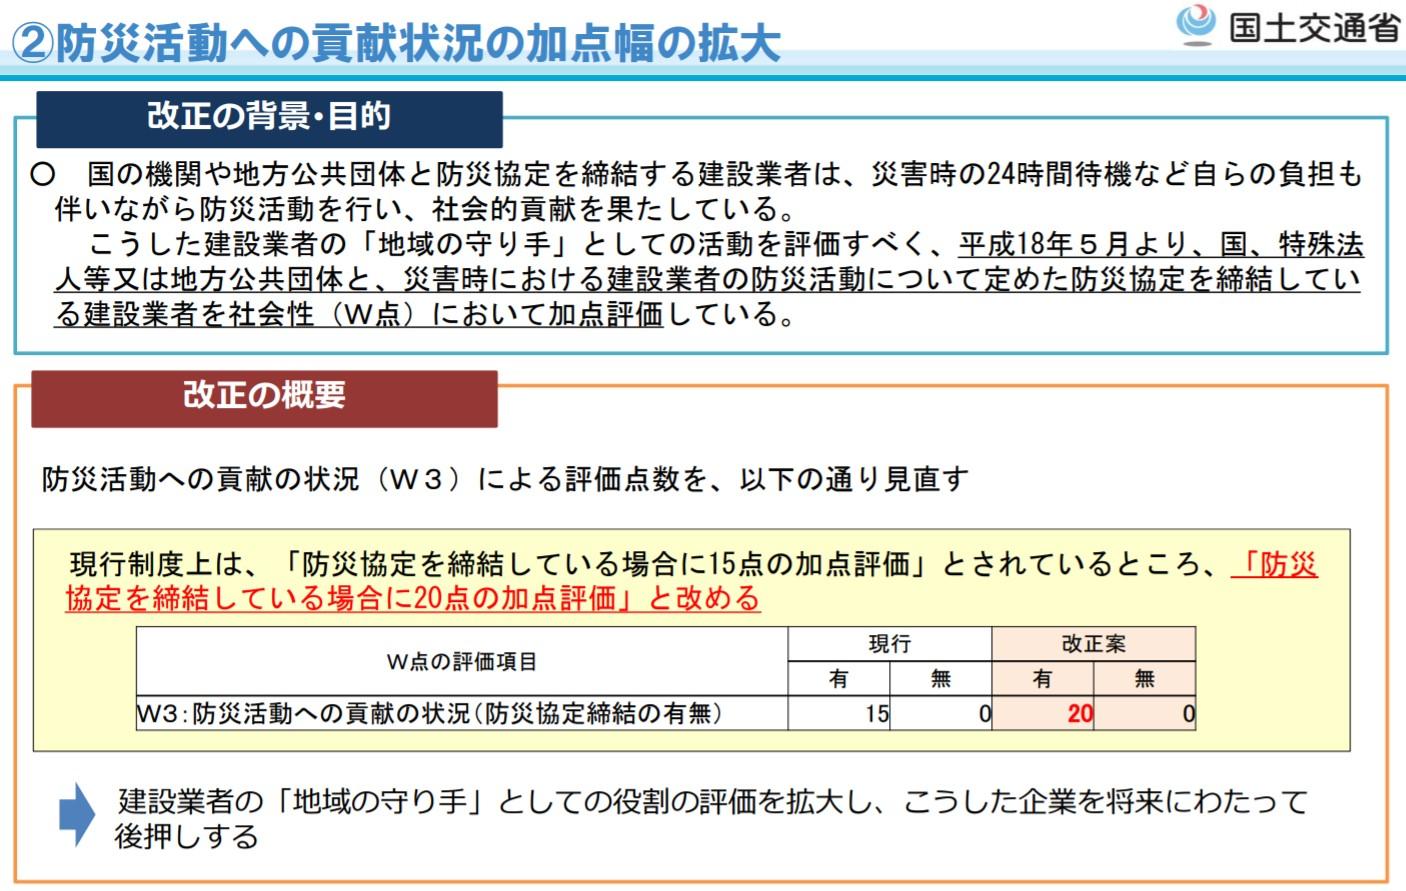 経審改正2